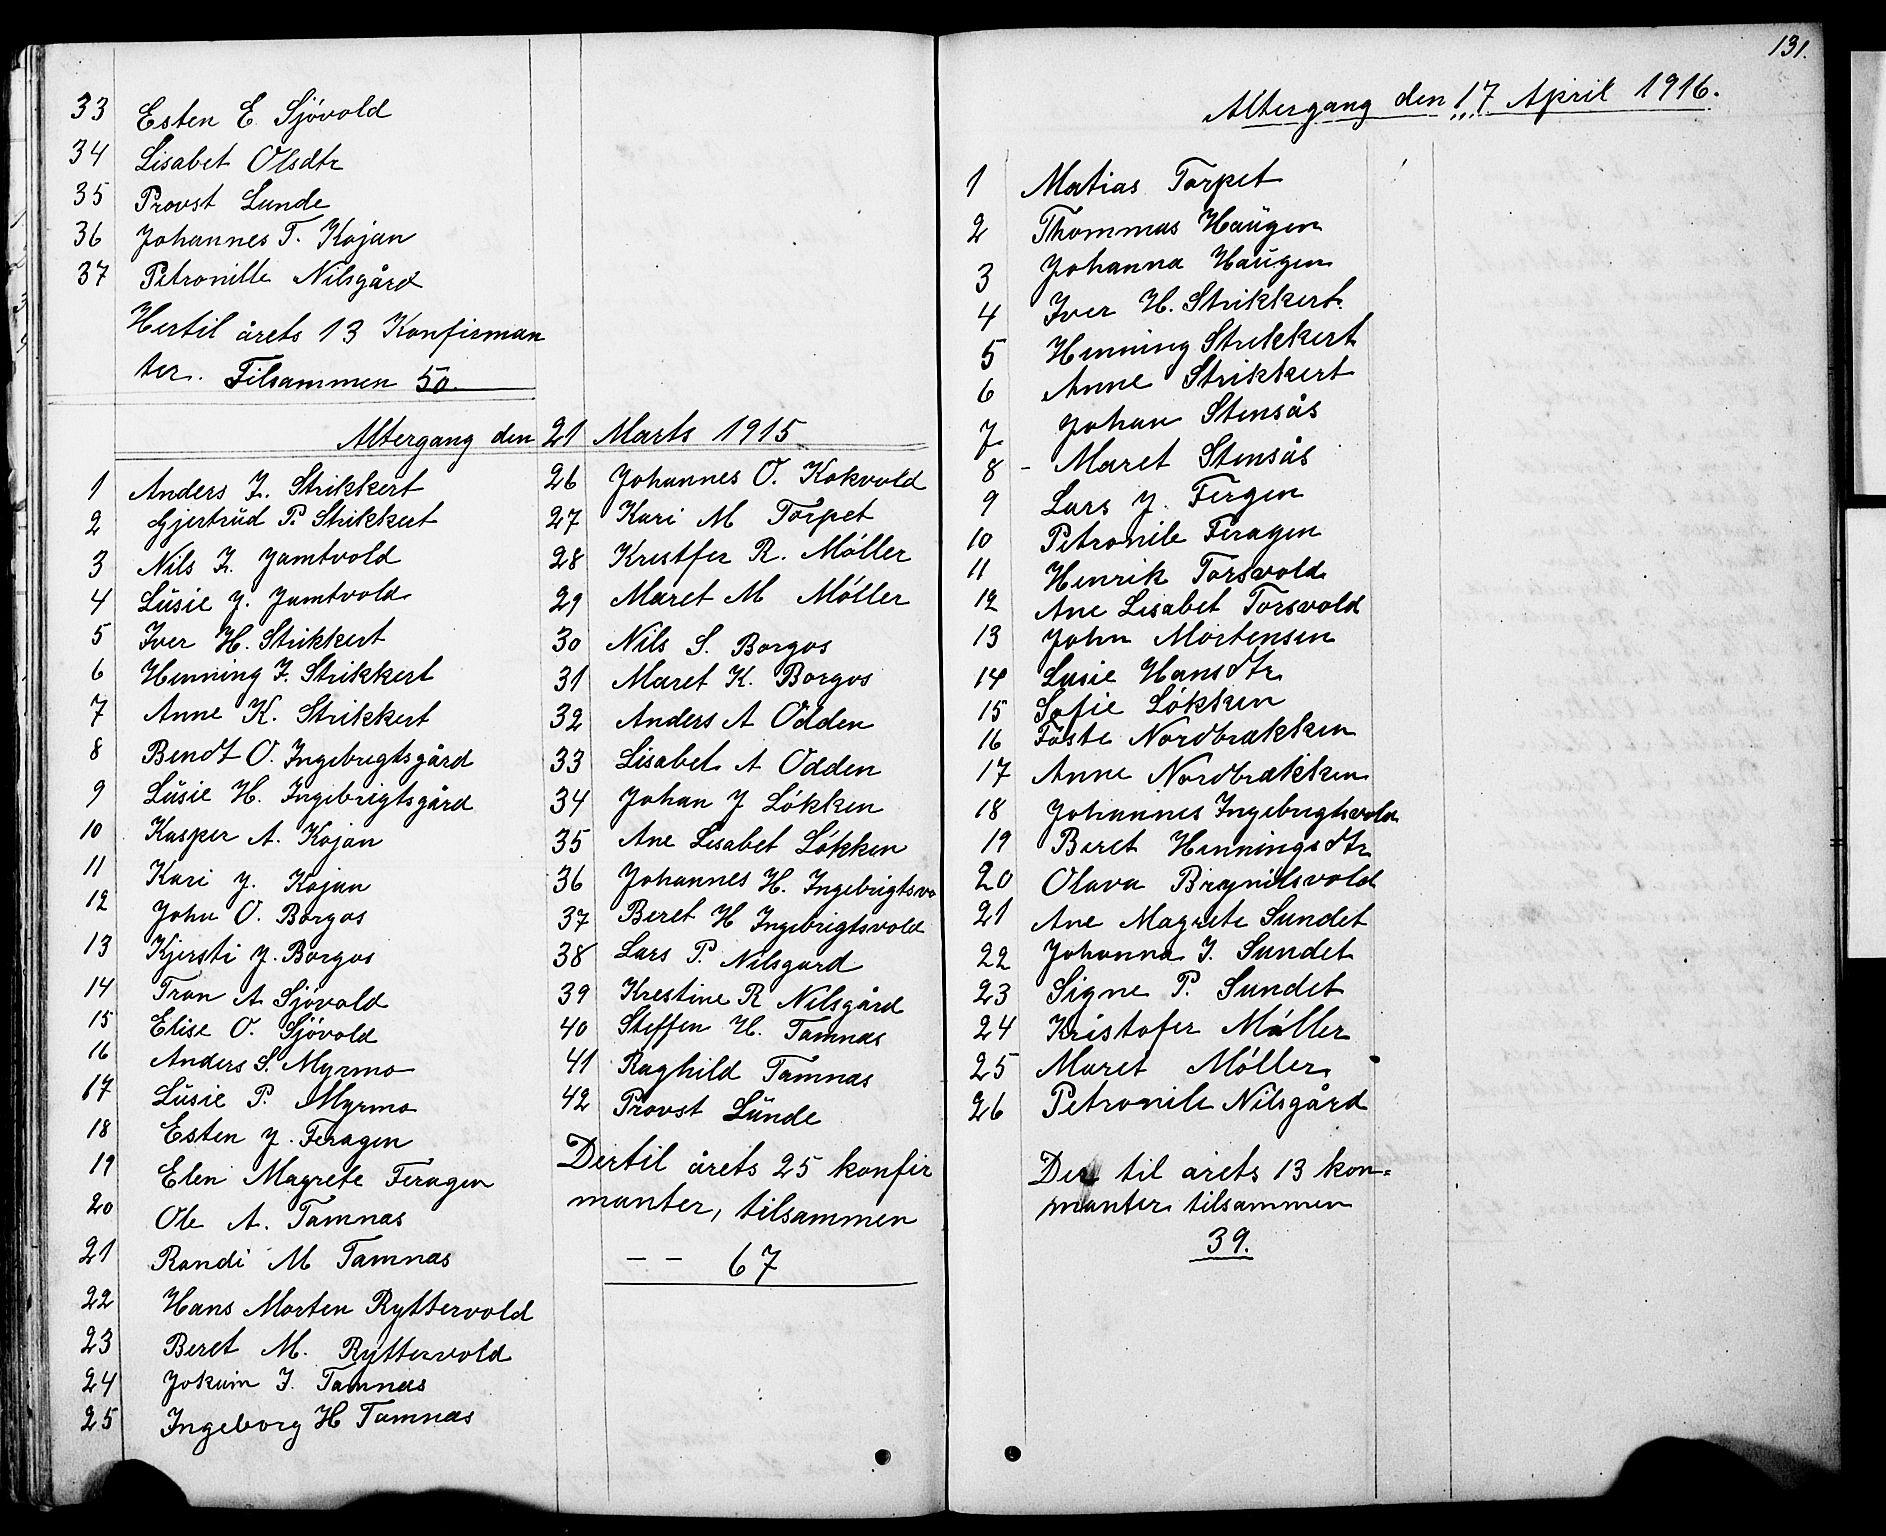 SAT, Ministerialprotokoller, klokkerbøker og fødselsregistre - Sør-Trøndelag, 683/L0949: Klokkerbok nr. 683C01, 1880-1896, s. 131